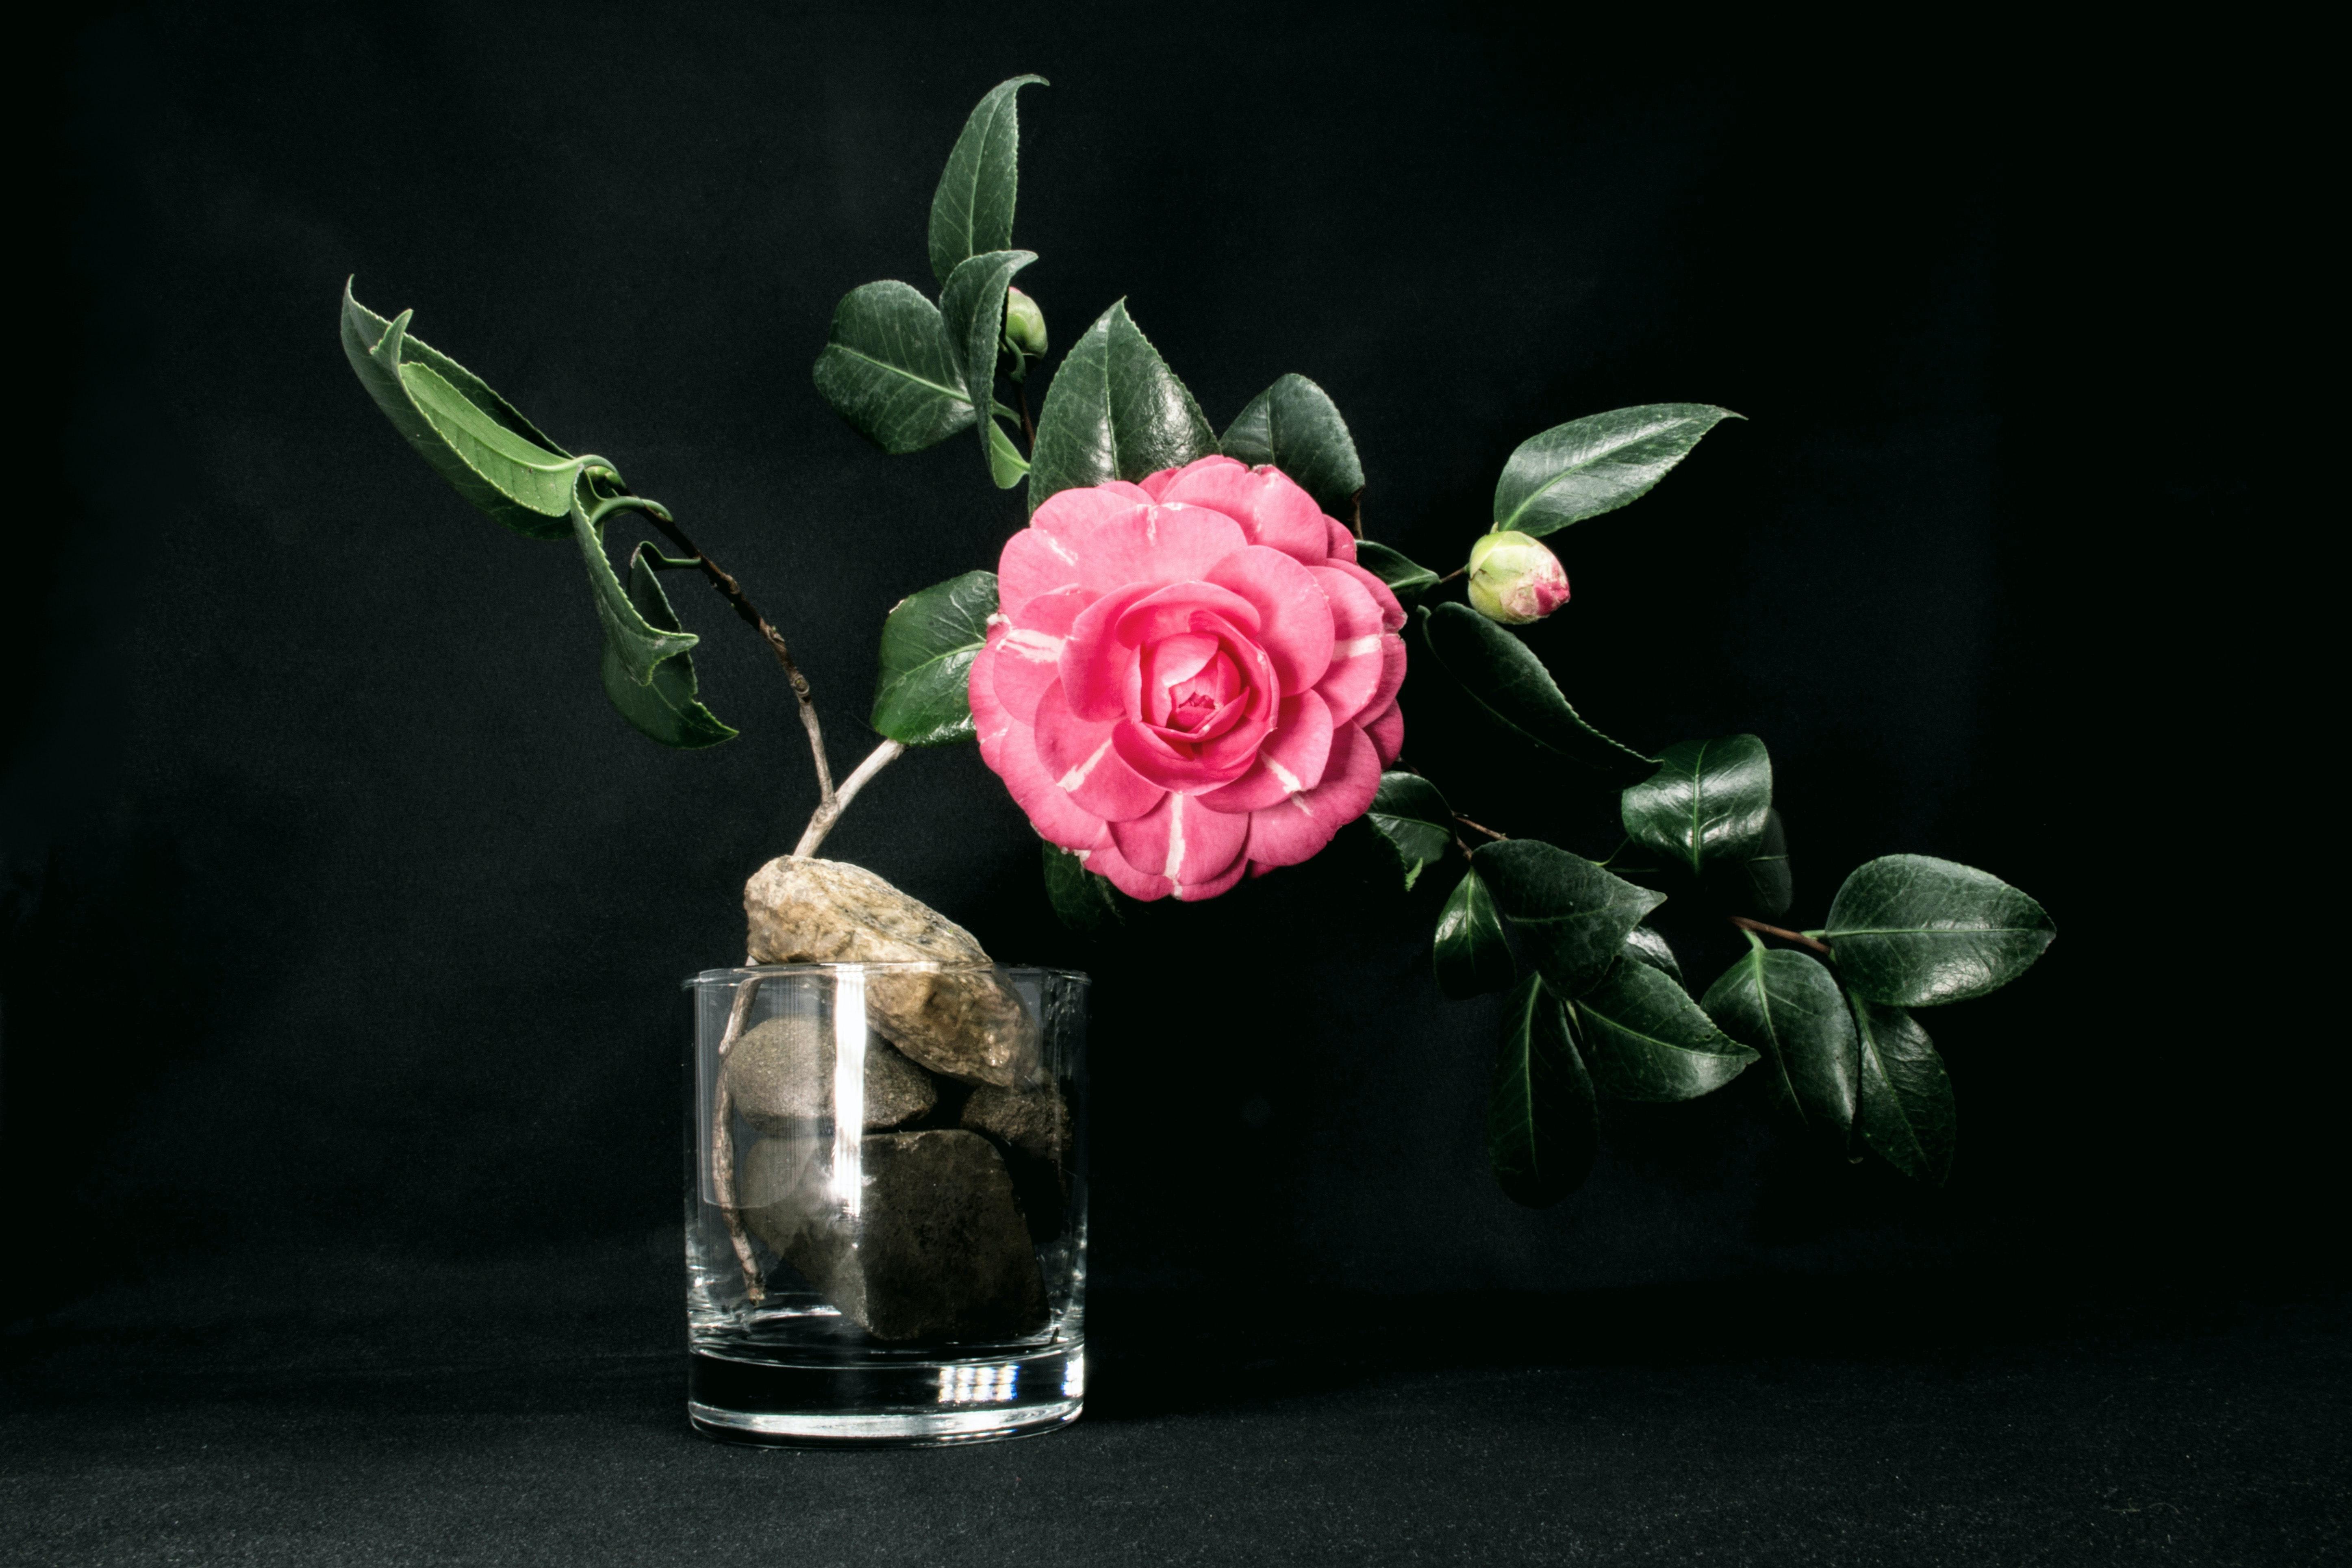 花弁は繊細で傷つきやすく、咲いた後は花首ごとぽとりと落ちるため、できるだけ人の手が触れにくい場所に飾るのが良いでしょう。